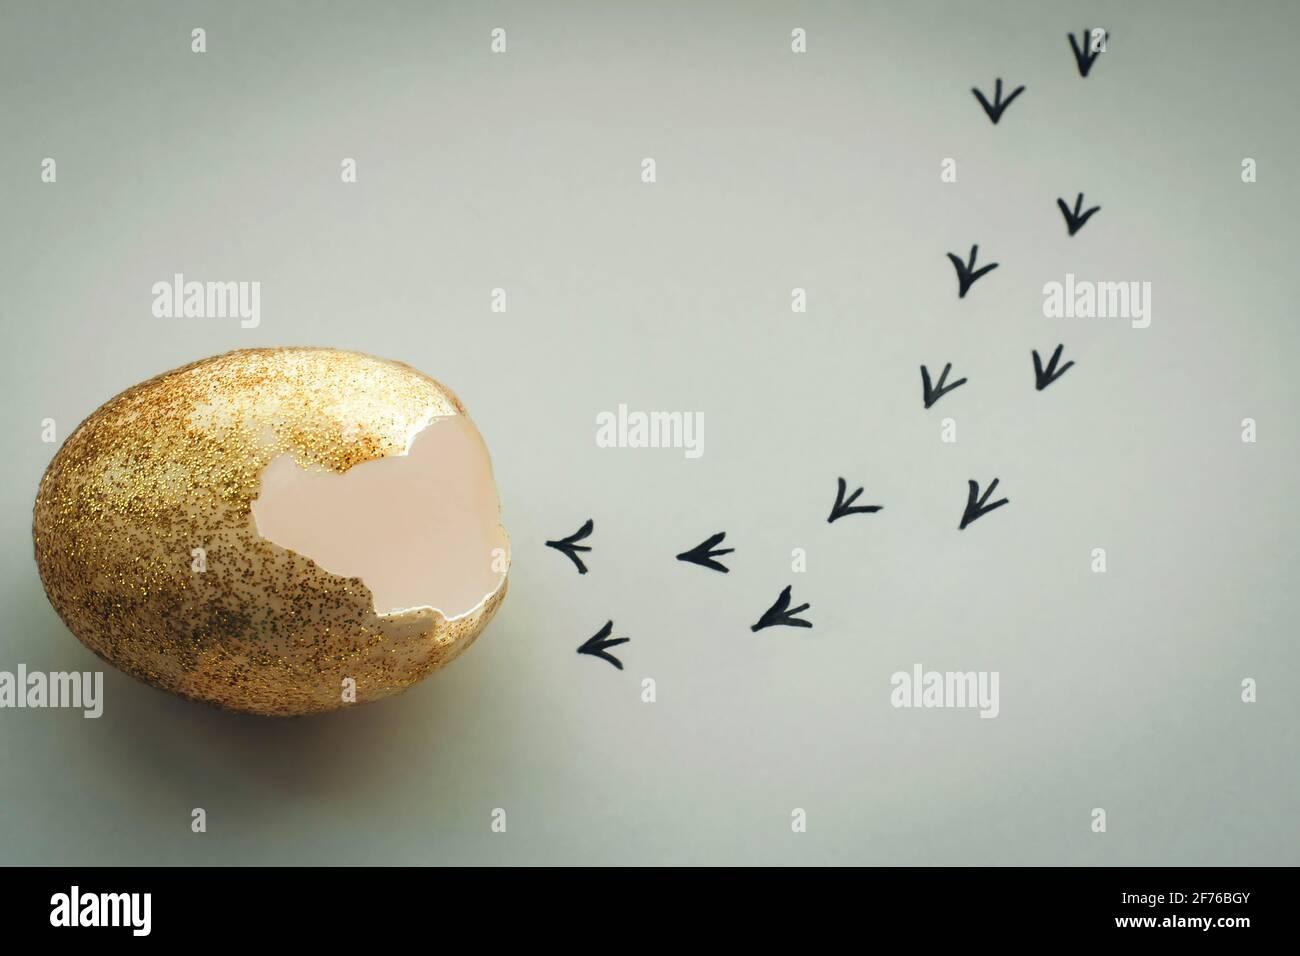 Impronte da un guscio d'uovo. Primi passi di un pulcino su uno sfondo bianco isolato. Concetto di uscita dalla zona di comfort, una nuova vita, progresso Foto Stock